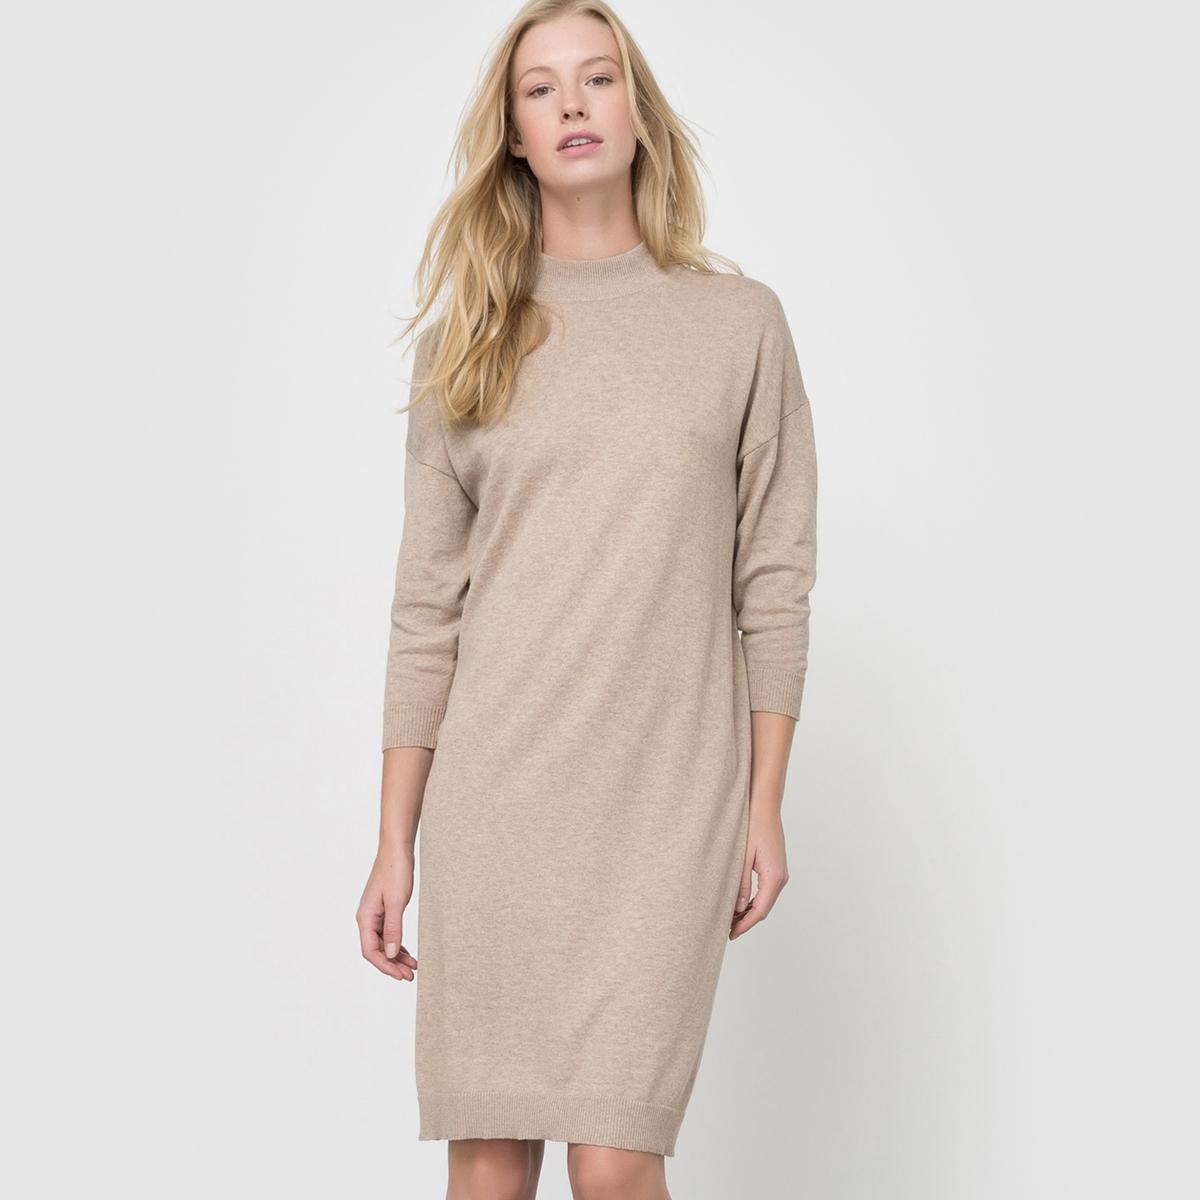 Платье-пуловер с высоким воротником из хлопка и кашемираПлатье-пуловер с укороченными рукавами. Высокий воротник. Отделка рубчиком выреза, манжет и низа. Состав и деталиМатериал: трикотаж, 95% хлопка, 5% кашемира.Длина 95 см.Марка: R essentiel. УходРучная стиркаСтирать и гладить с изнаночной стороны Гладить при умеренной температуреСухая (химическая) чистка разрешена.<br><br>Цвет: бежевый меланж,красный,серый меланж,синий морской,темно-зеленый,черный<br>Размер: 38/40 (FR) - 44/46 (RUS).38/40 (FR) - 44/46 (RUS).42/44 (FR) - 48/50 (RUS)